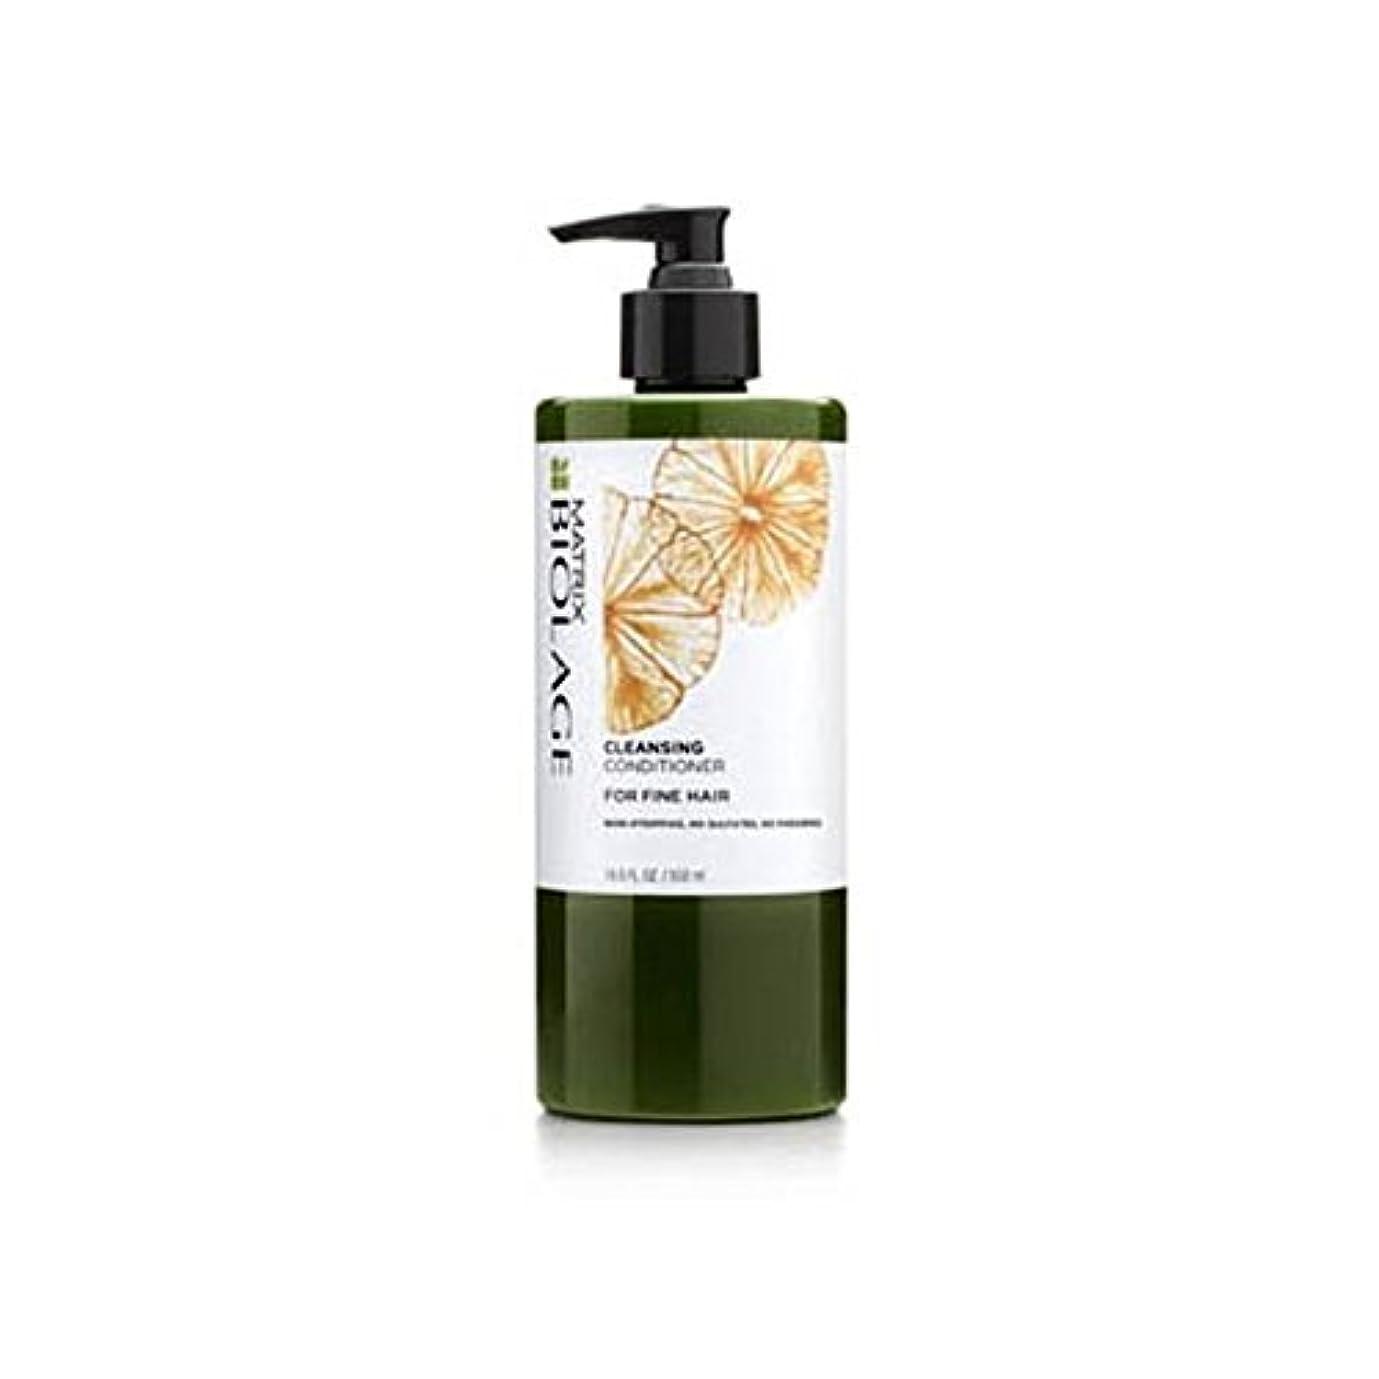 鳥ホットエスカレーターマトリックスバイオレイジクレンジングコンディショナー - 細い髪(500ミリリットル) x4 - Matrix Biolage Cleansing Conditioner - Fine Hair (500ml) (Pack of 4) [並行輸入品]